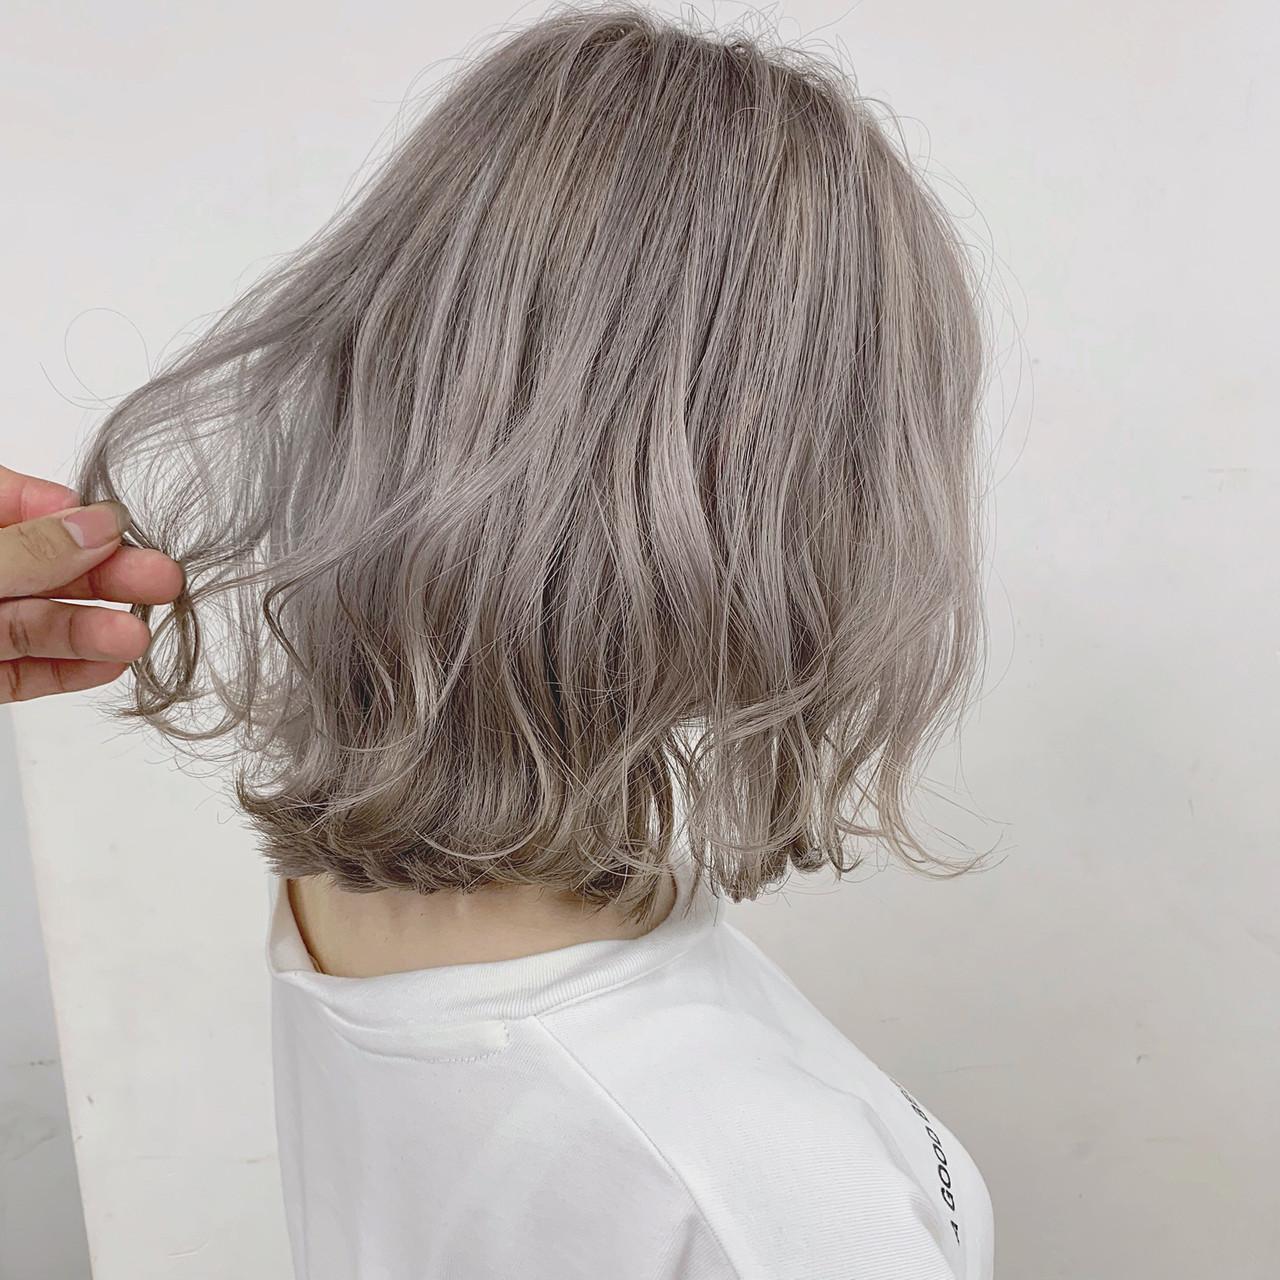 ブリーチカラー 切りっぱなしボブ ミルクティーベージュ ホワイトブリーチヘアスタイルや髪型の写真・画像